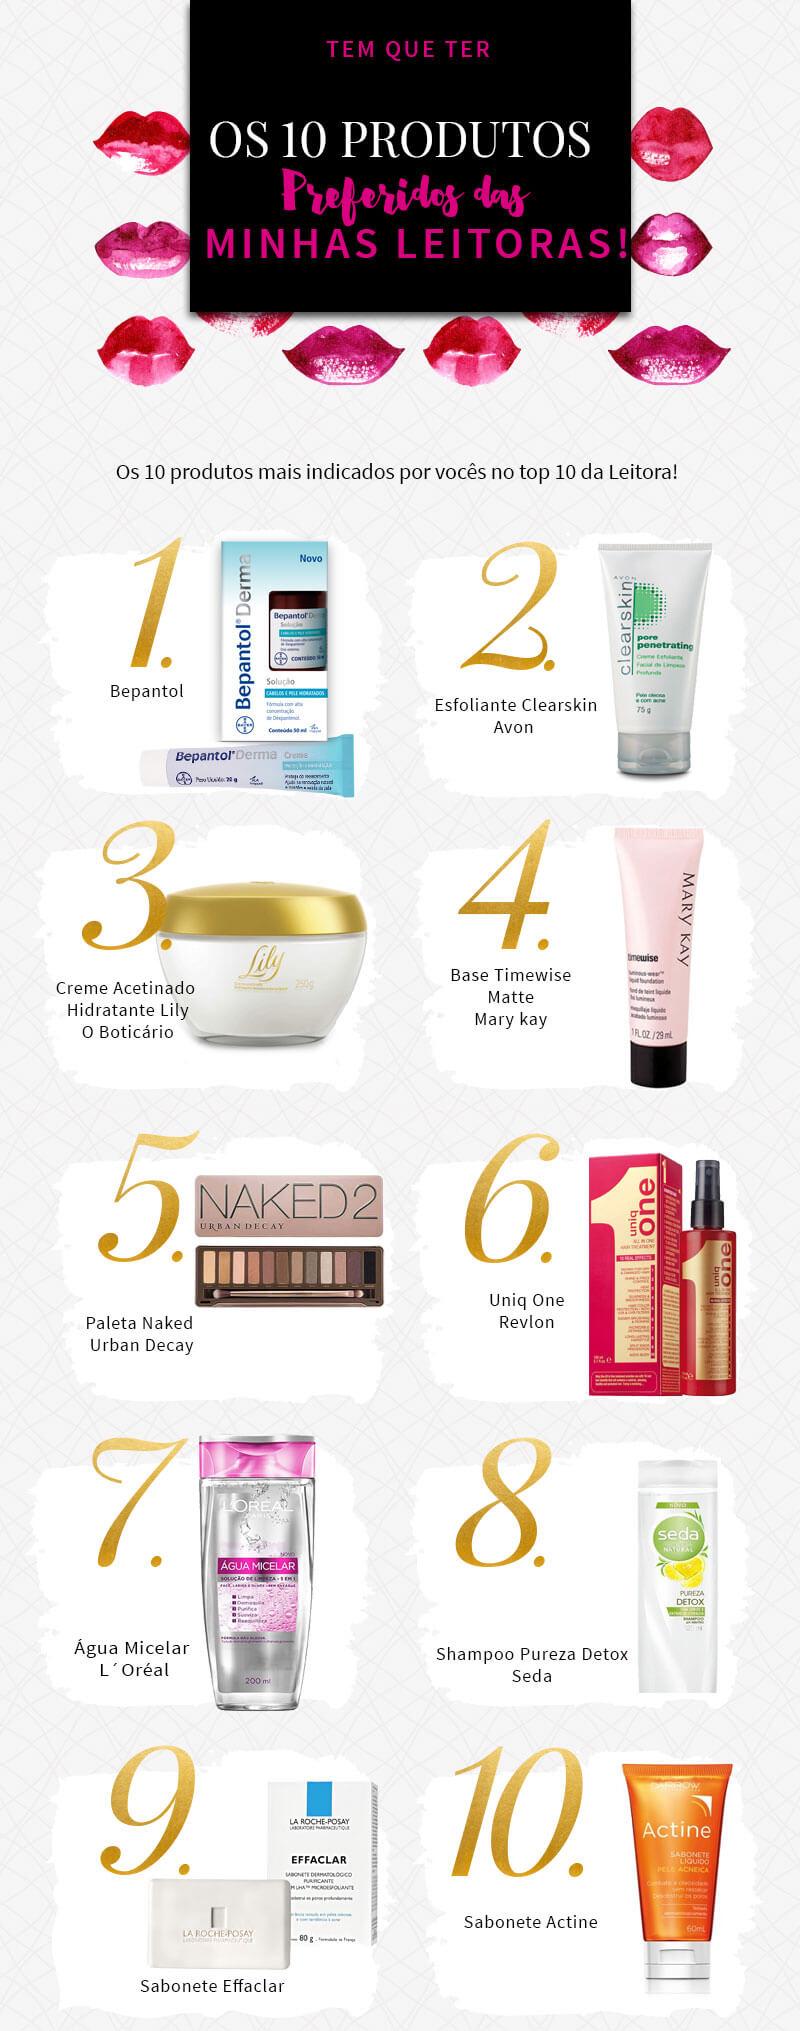 10 produtos preferidos das minhas leitoras